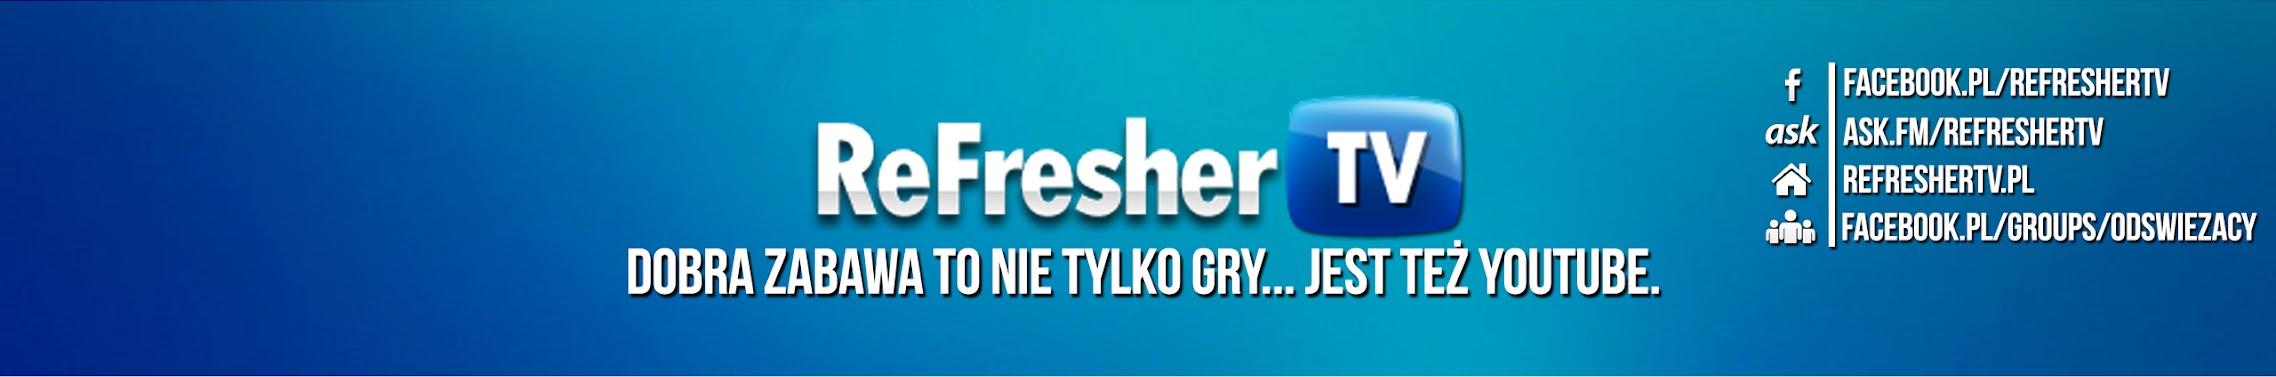 ReFresherTV